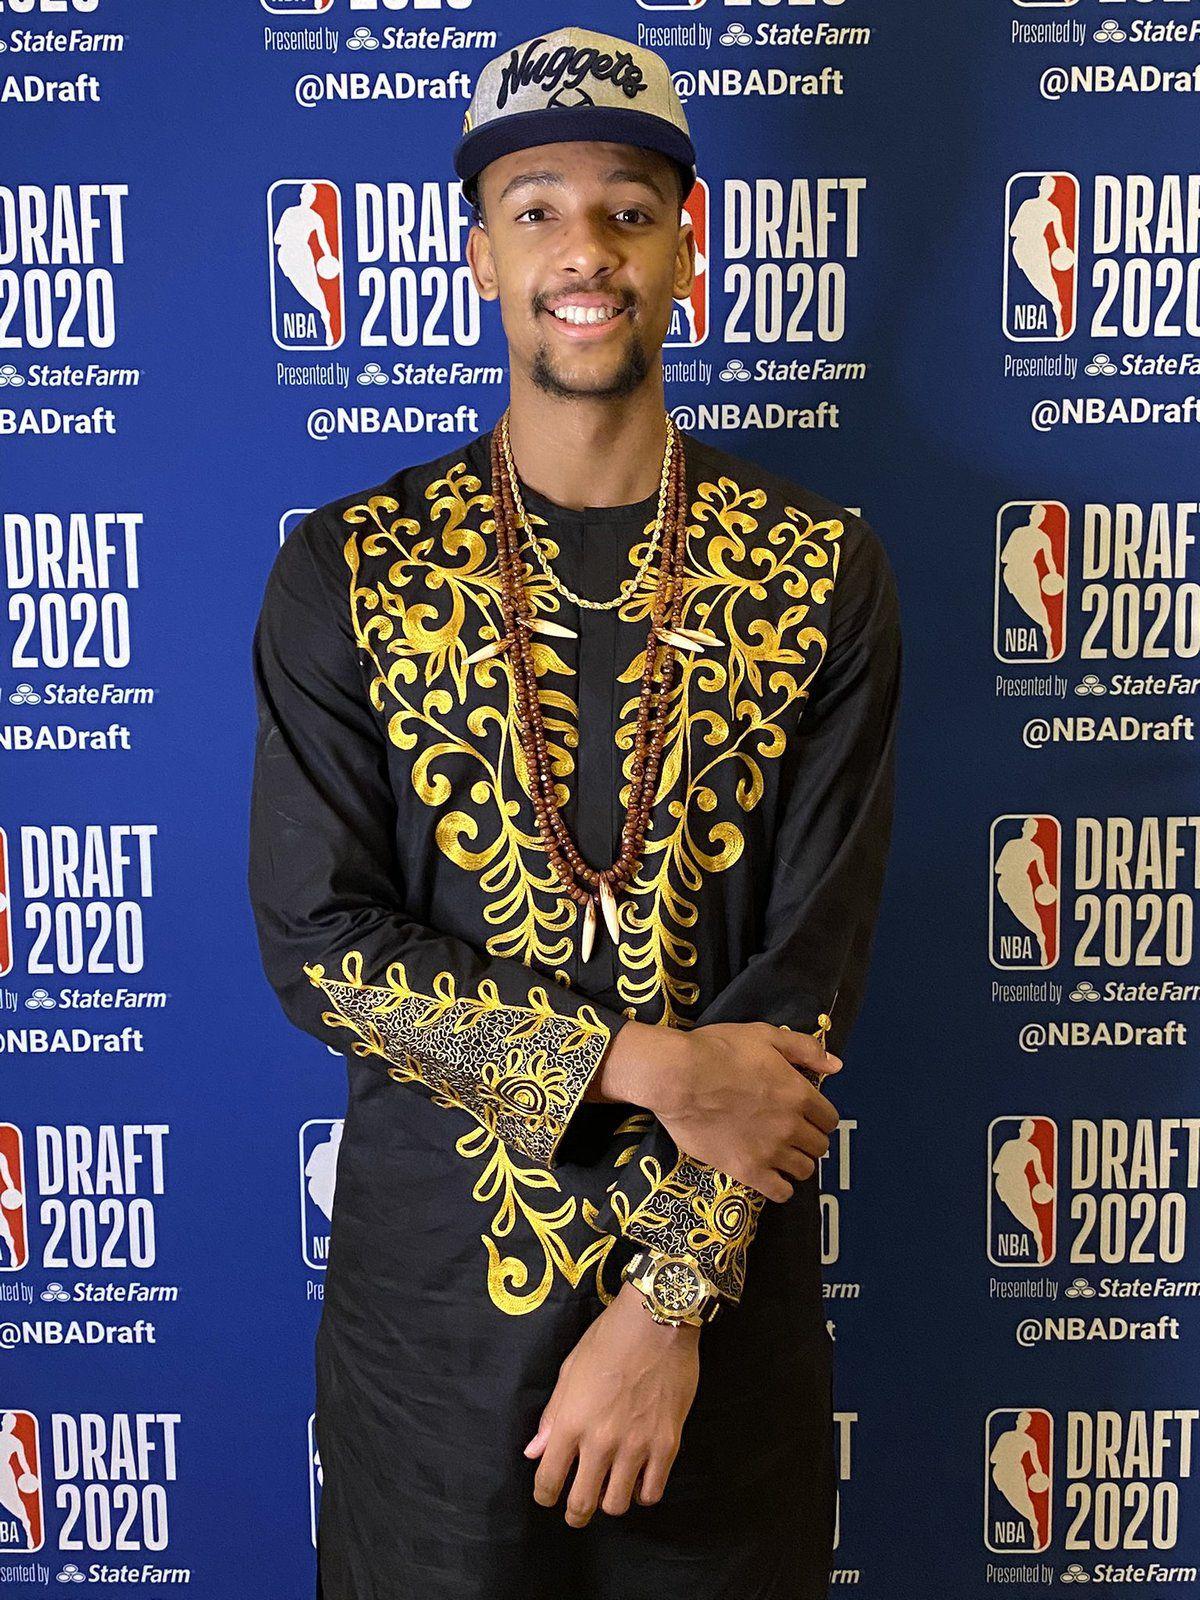 Anthony Edwards n°1 de la Draft 2020, un nombre record de six nigérians dans le first round